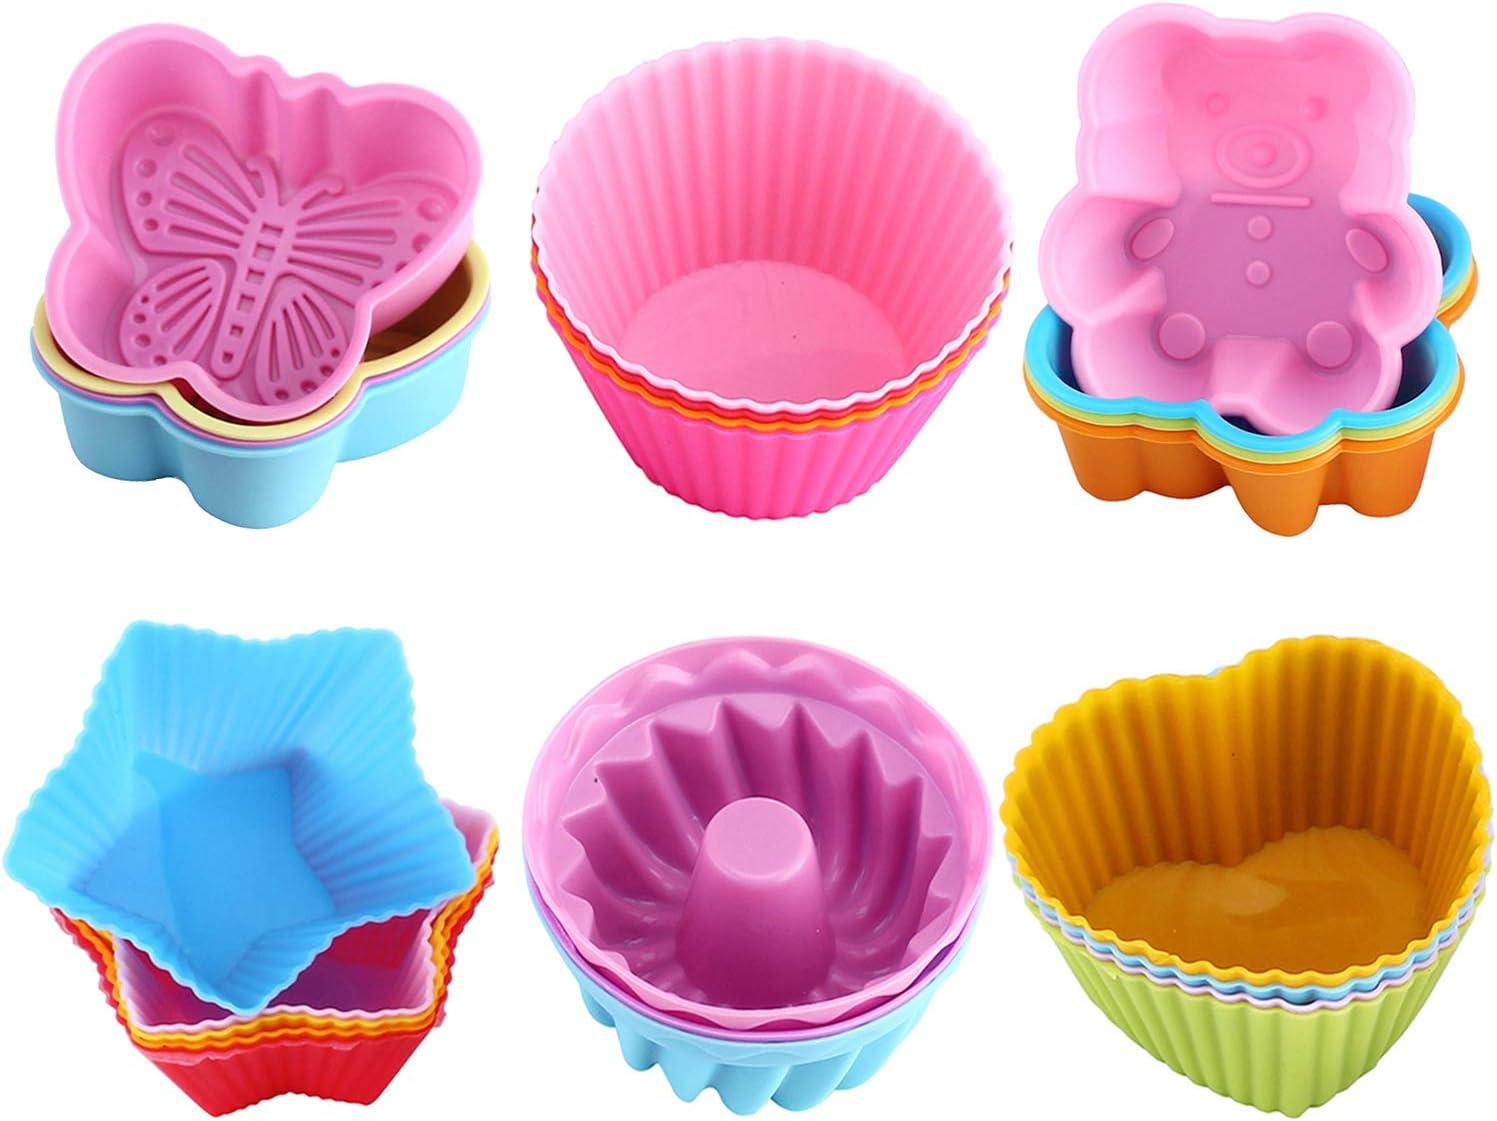 WOMGF Moldes de horneado de Silicona Mollete Magdalena Hornear Reutilizables Muffins para Hornear Tarta para Magdalenas Grado alimenticio Pack de 26